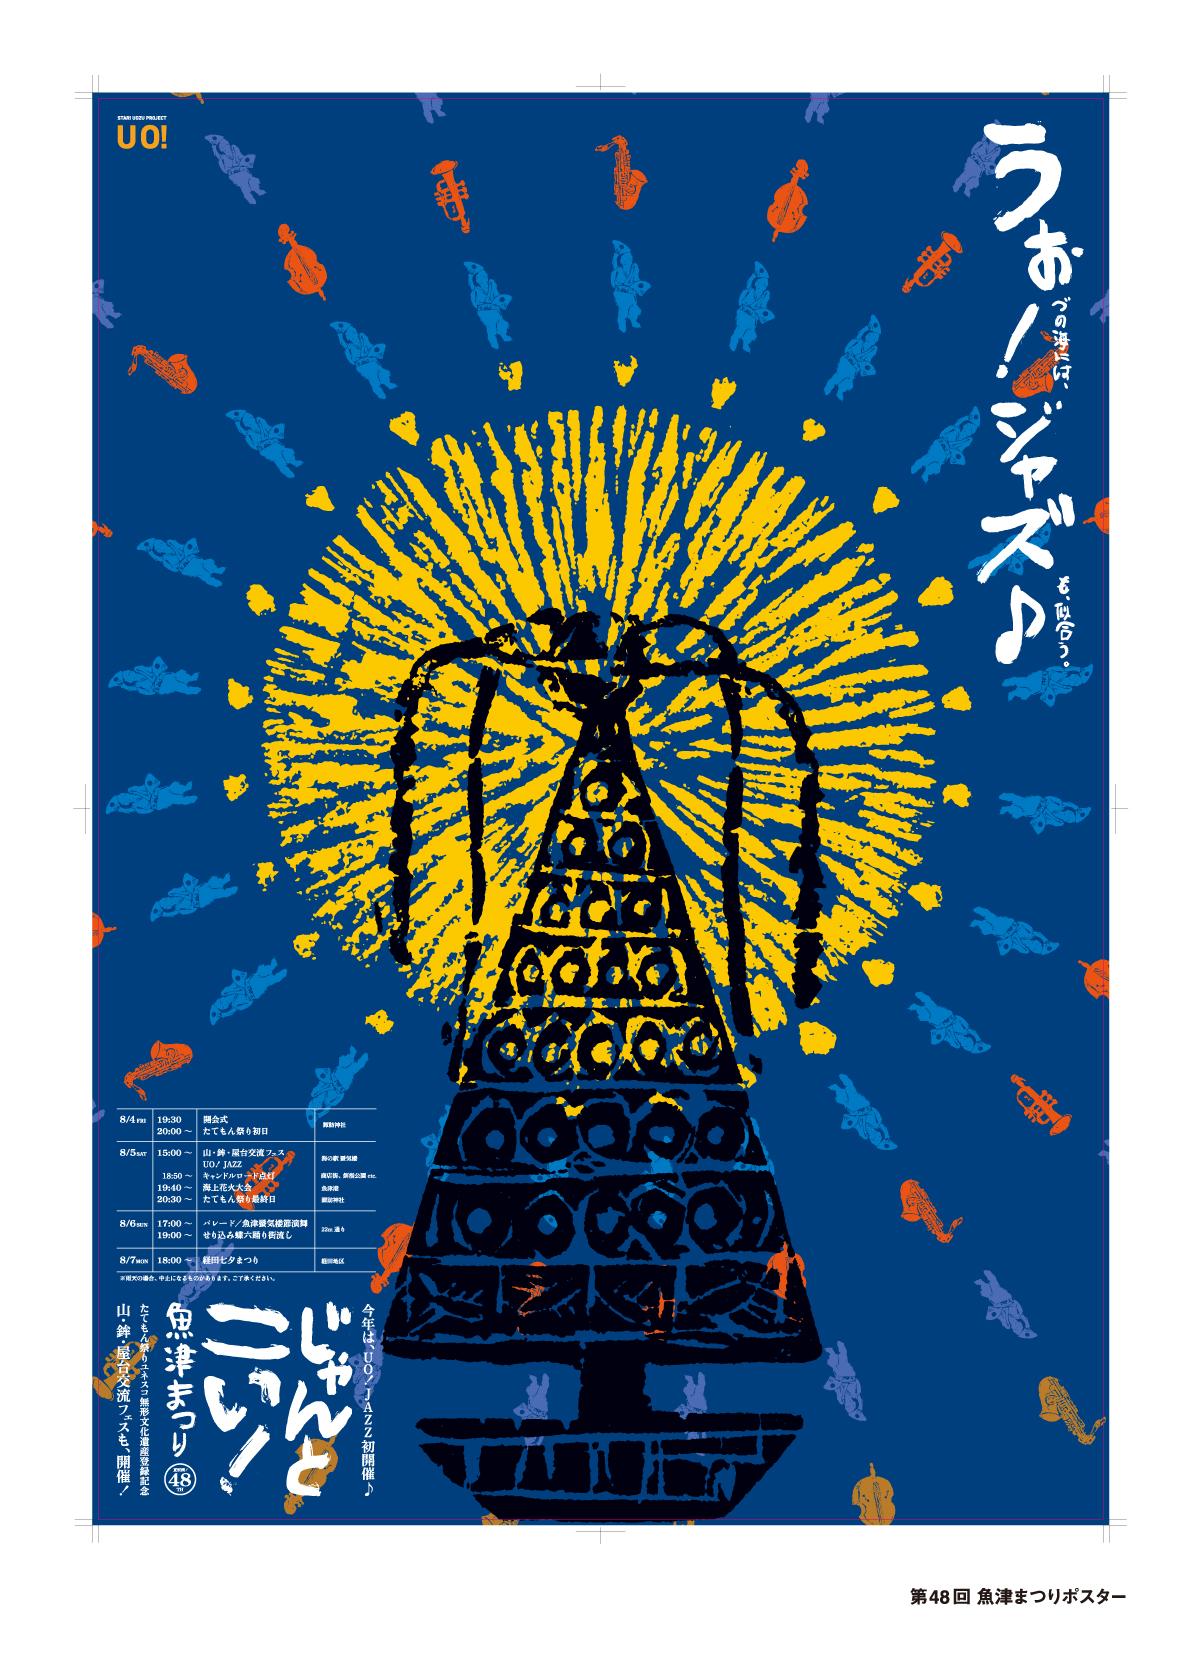 【最終】48回魚津まつりポスター確認用-